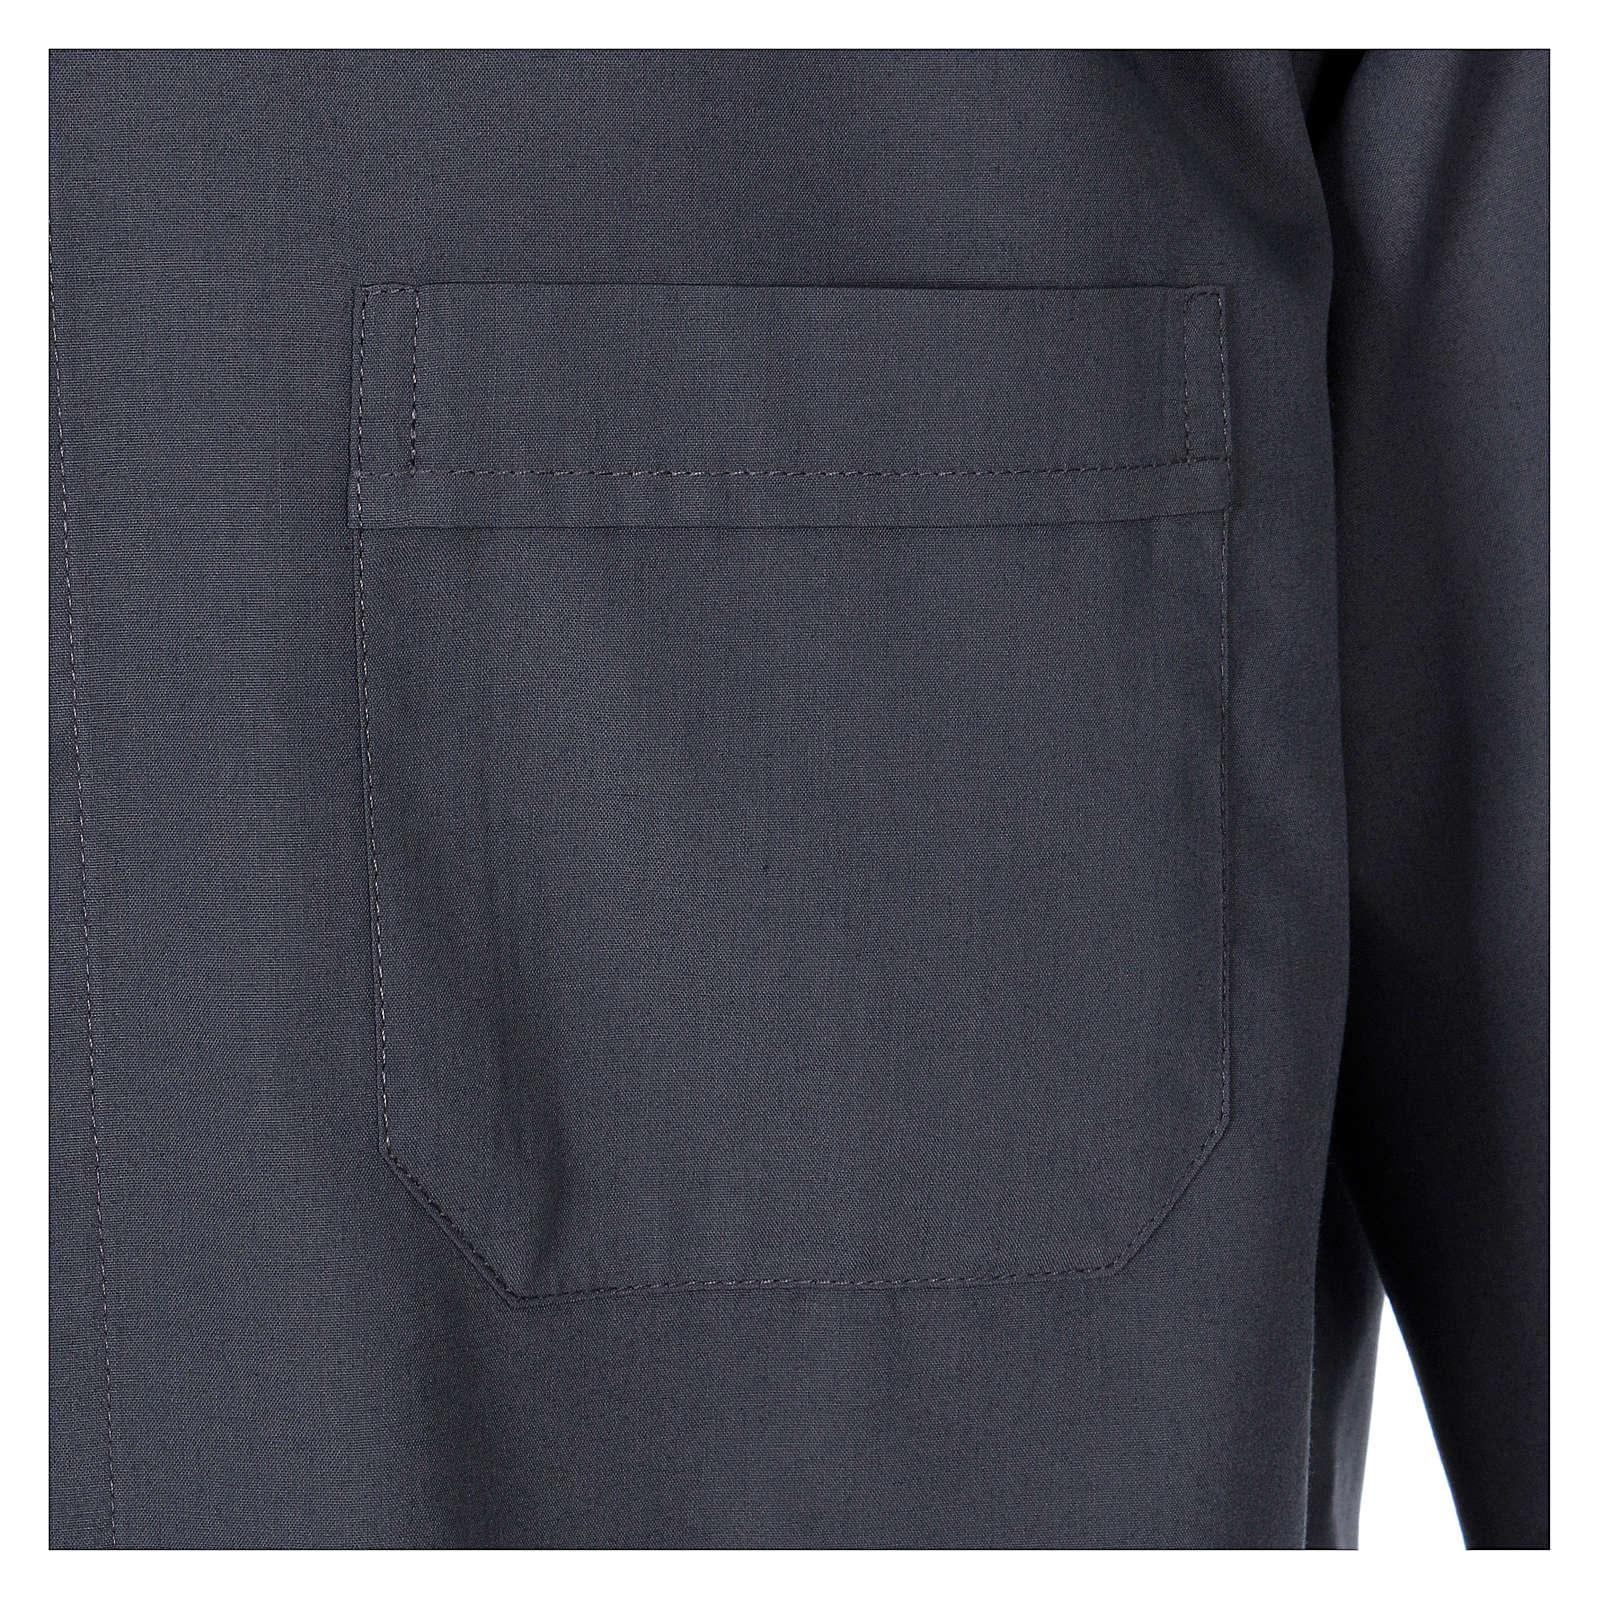 Collarhemd mit Langarm aus Baumwoll-Mischgewebe in der Farbe Dunkelgrau In Primis 4